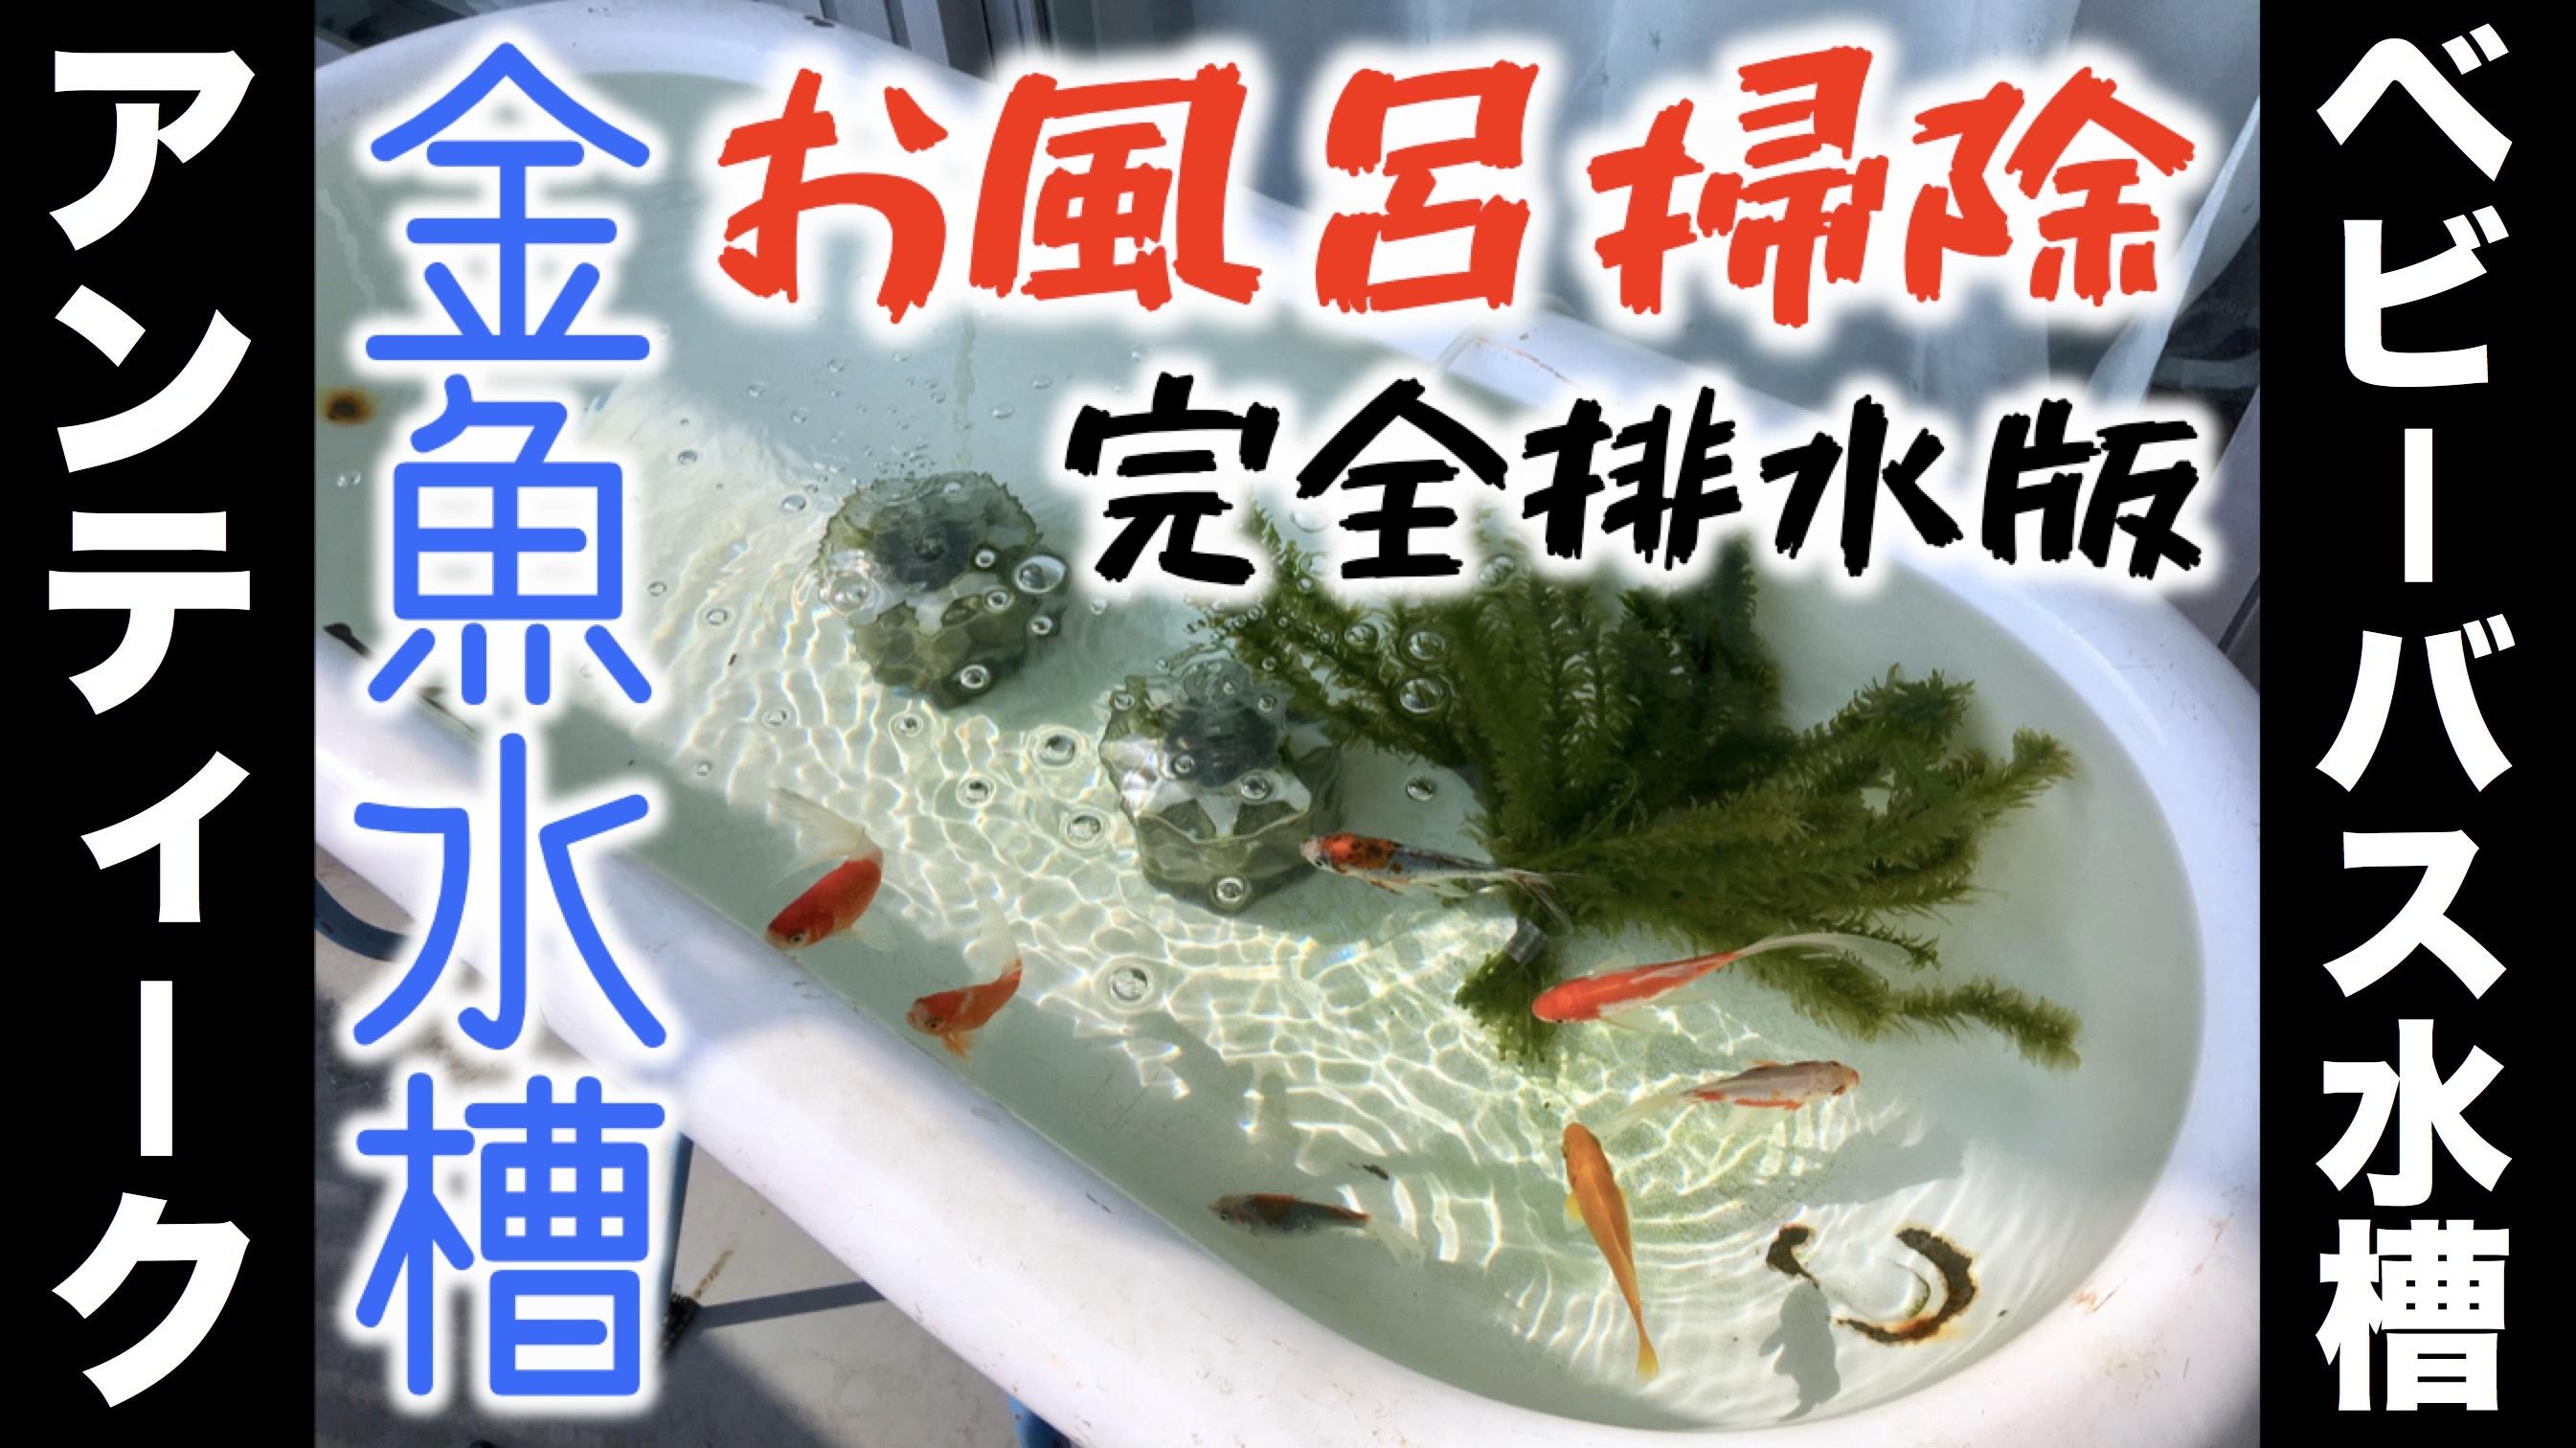 動くこじか、ベランダ金魚水槽の水ぜんぶ抜く大作戦!